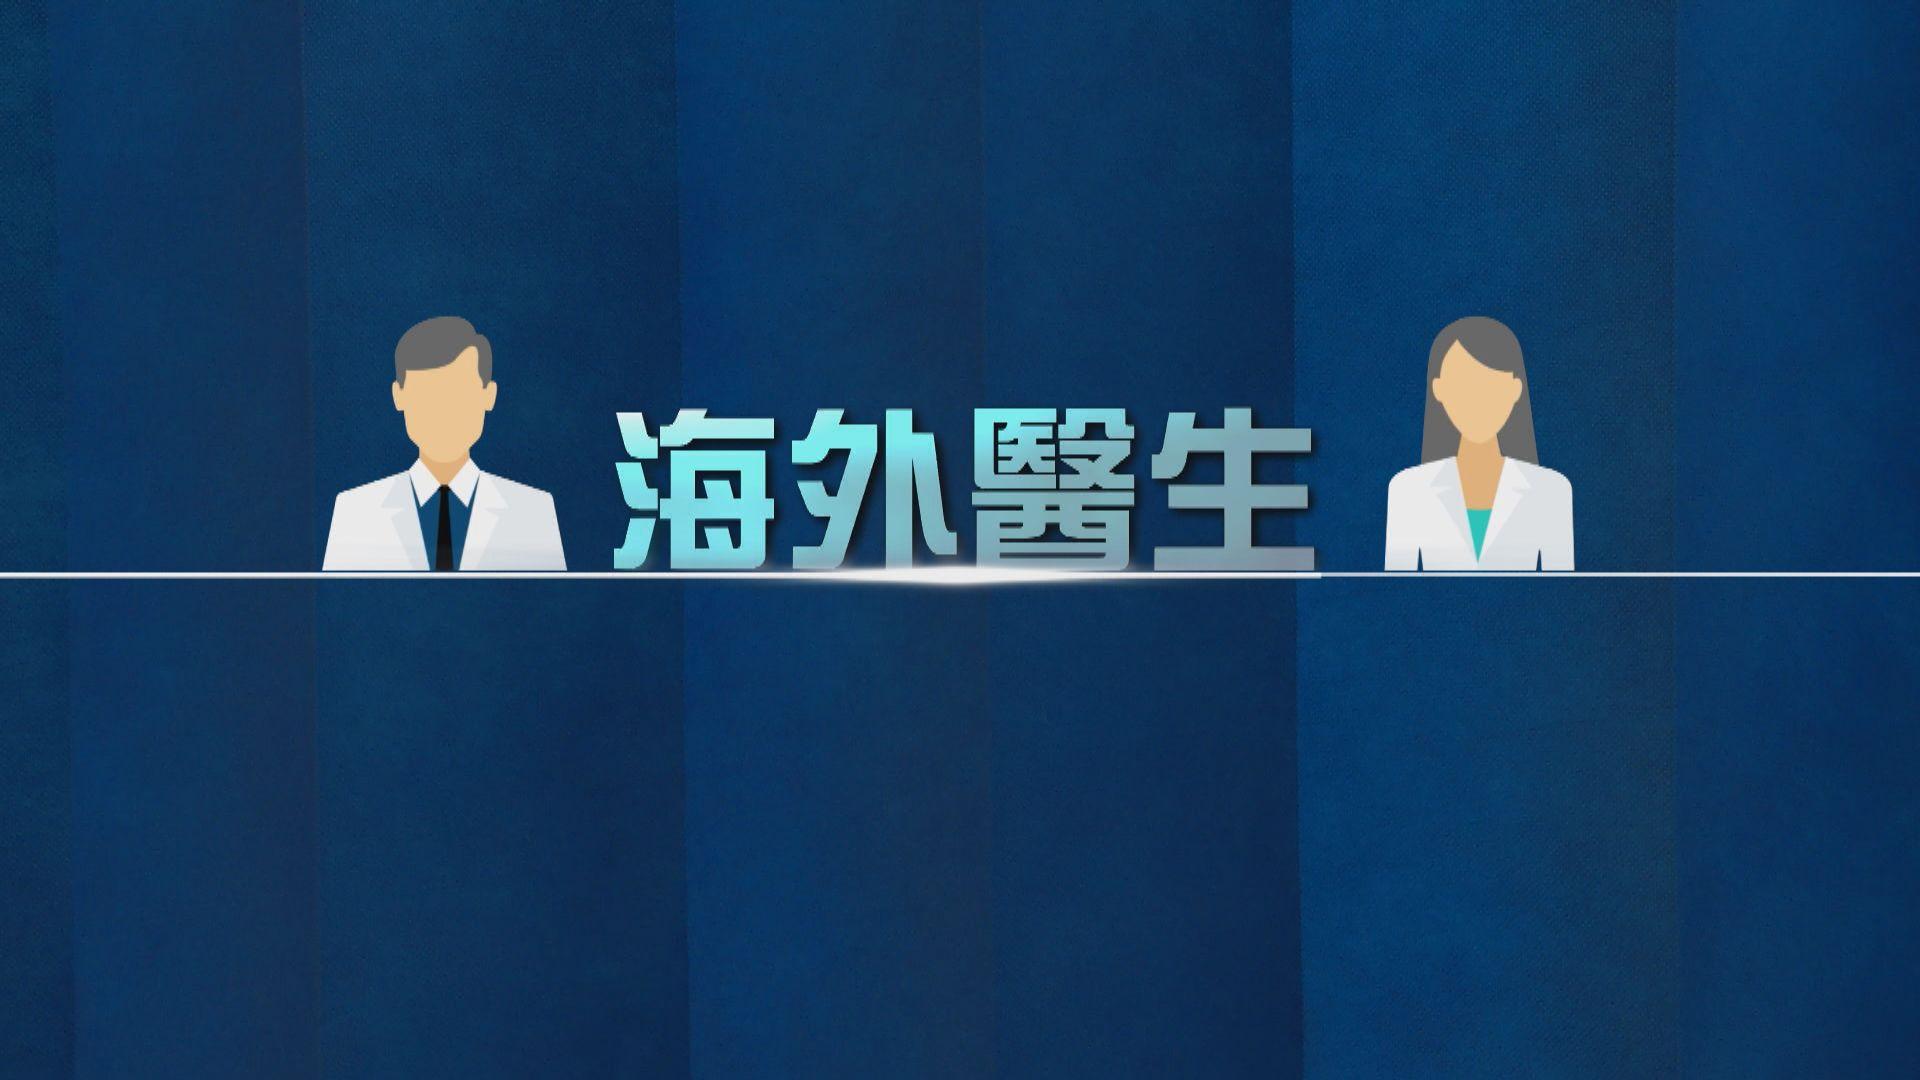 【新聞智庫】放寬海外醫生執業 醫生、政府、大學、病人組織各有盤算?